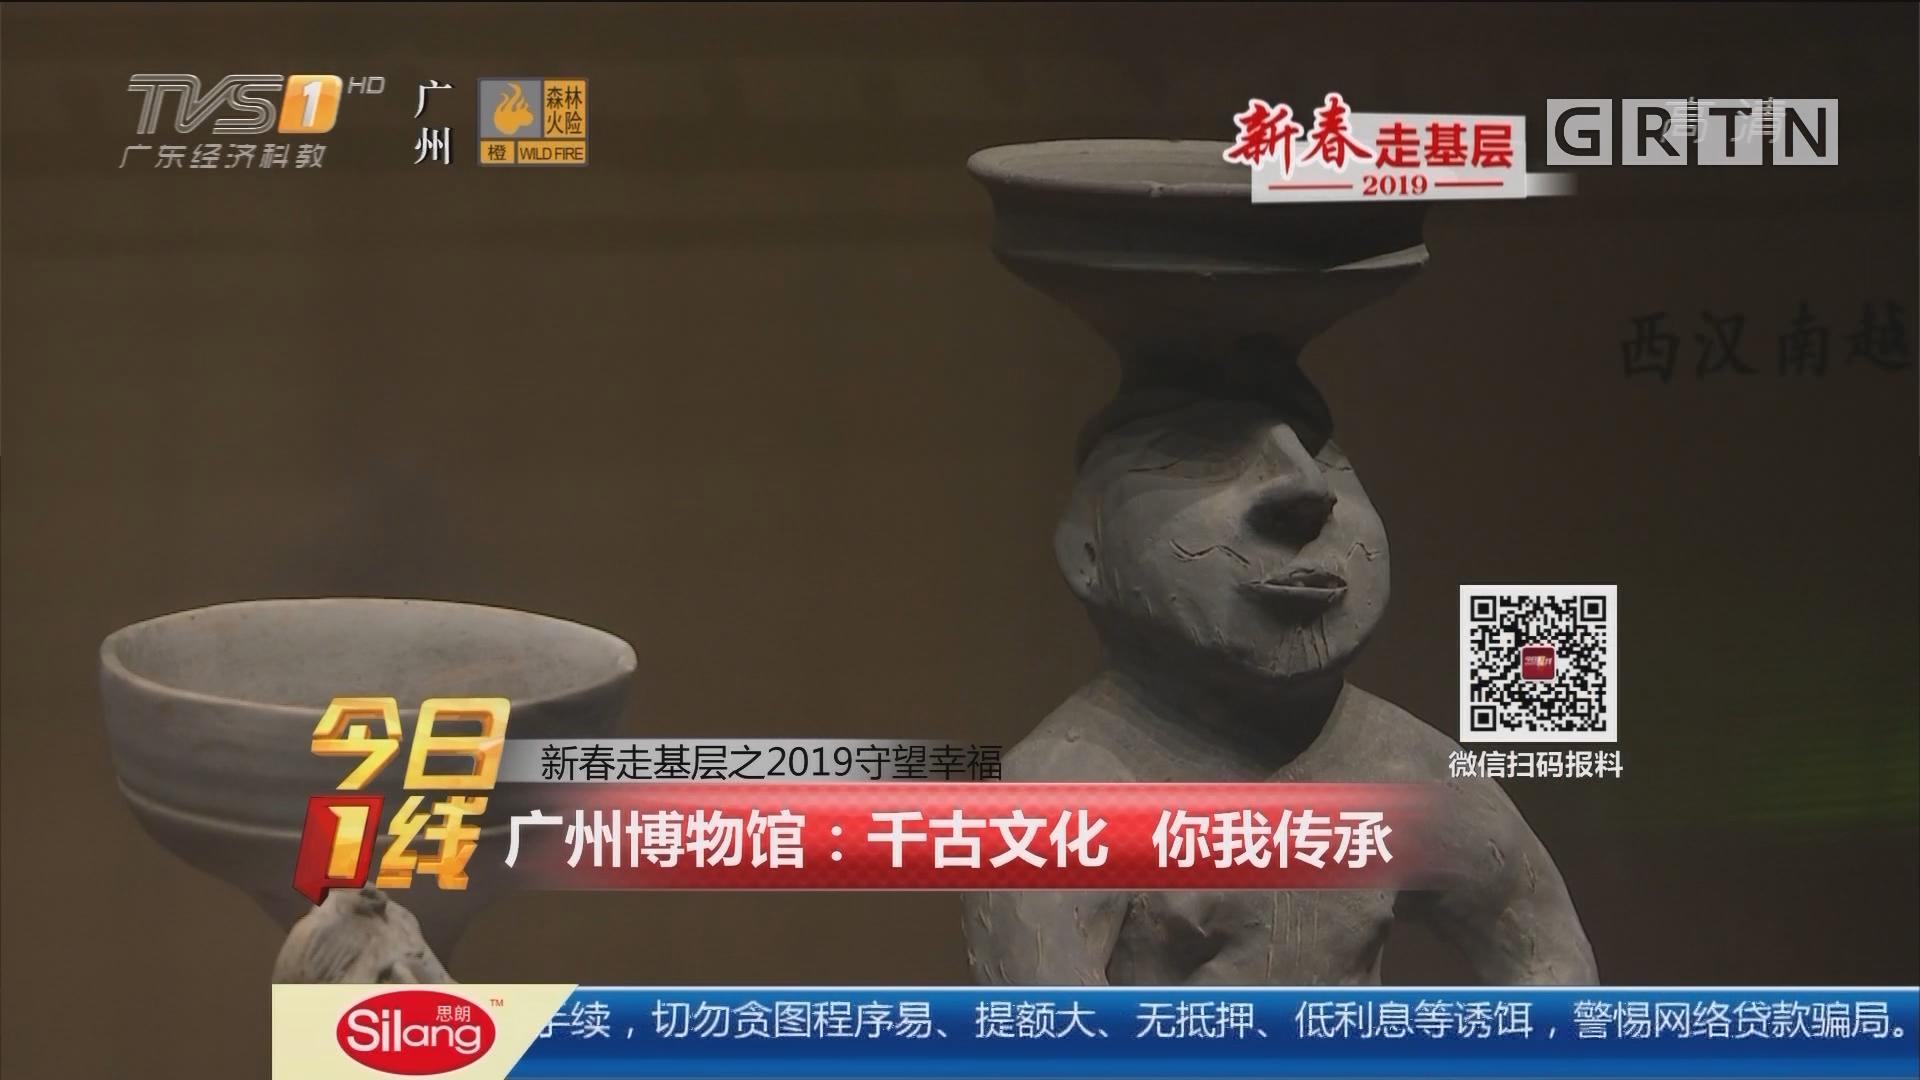 新春走基层之2019守望幸福 广州博物馆:千古文化 你我传承